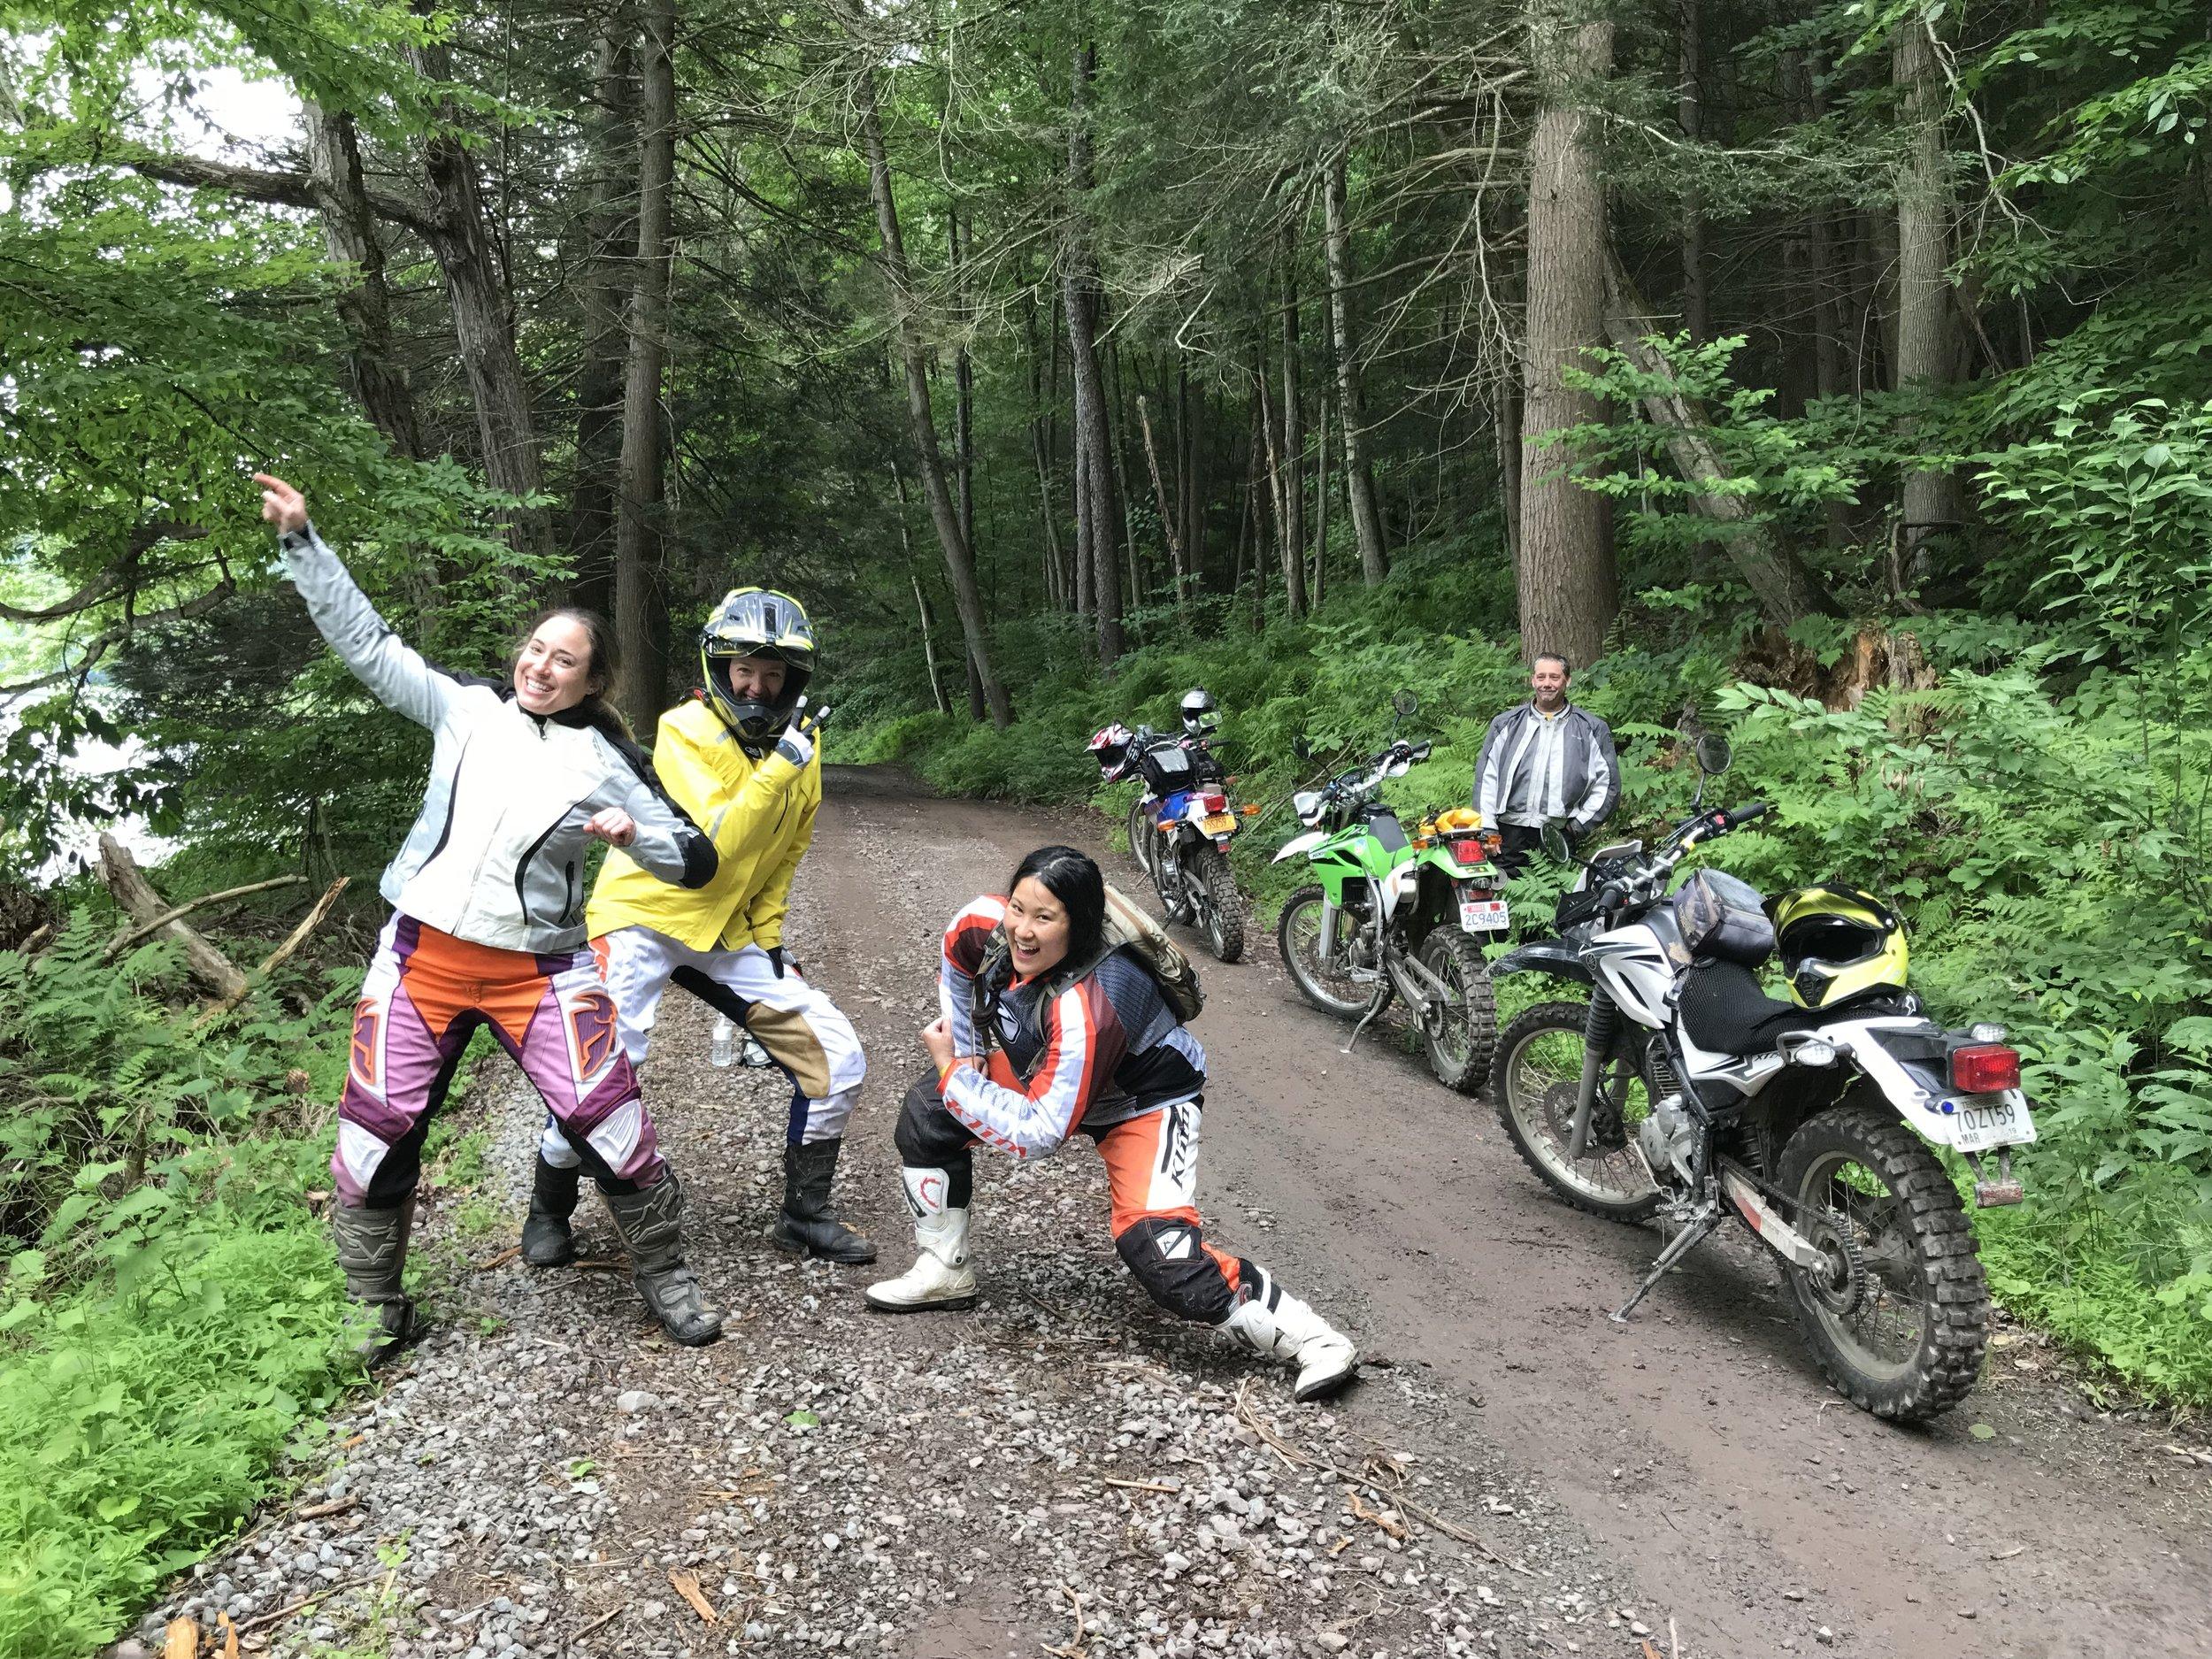 Photo courtesy Victoria Zandonella, Northeast Dualsport Riders.